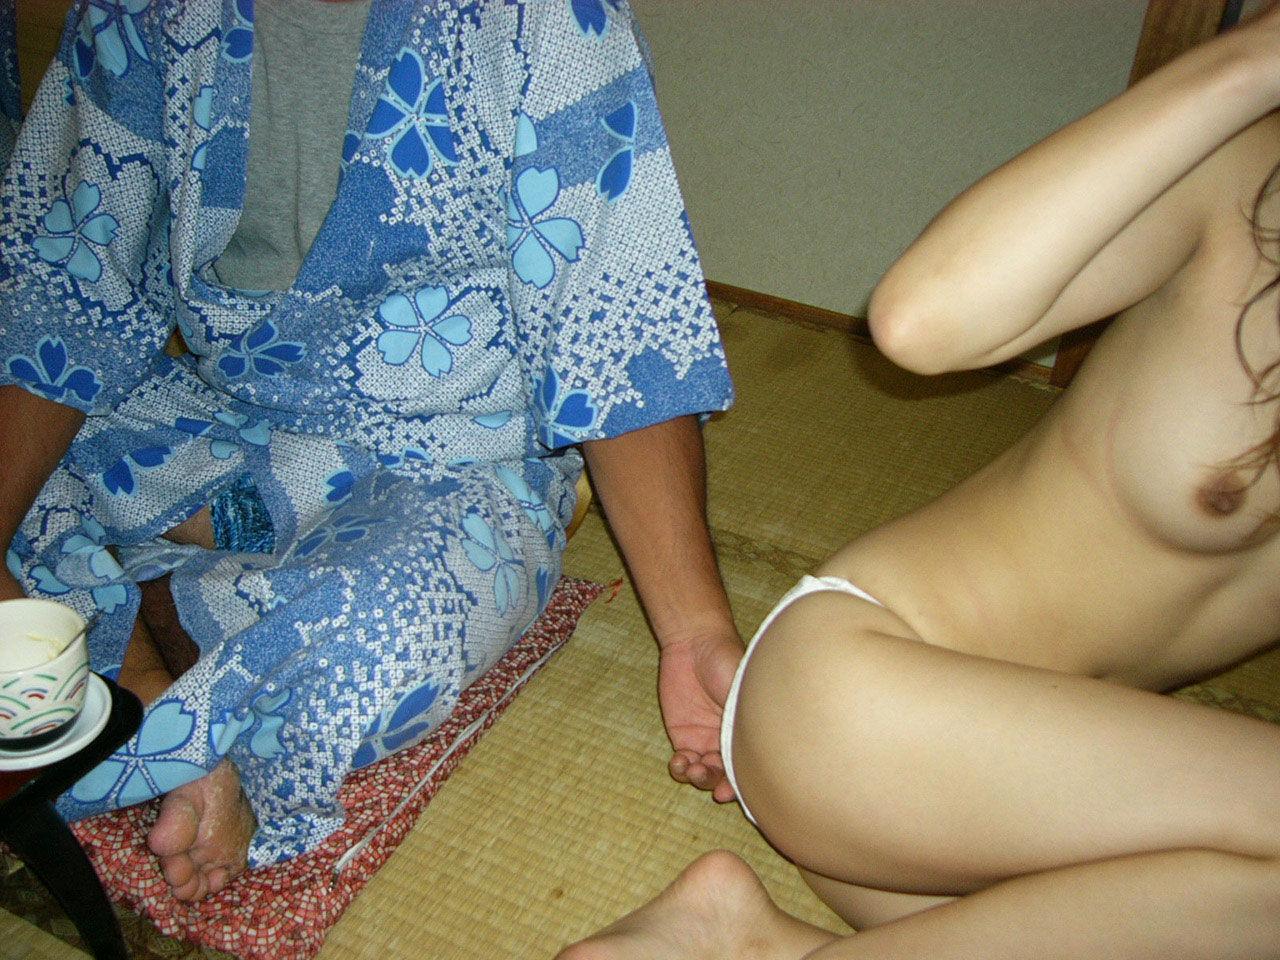 売春島ピンクコンパニオンの本番盗撮流出エロ画像11枚目